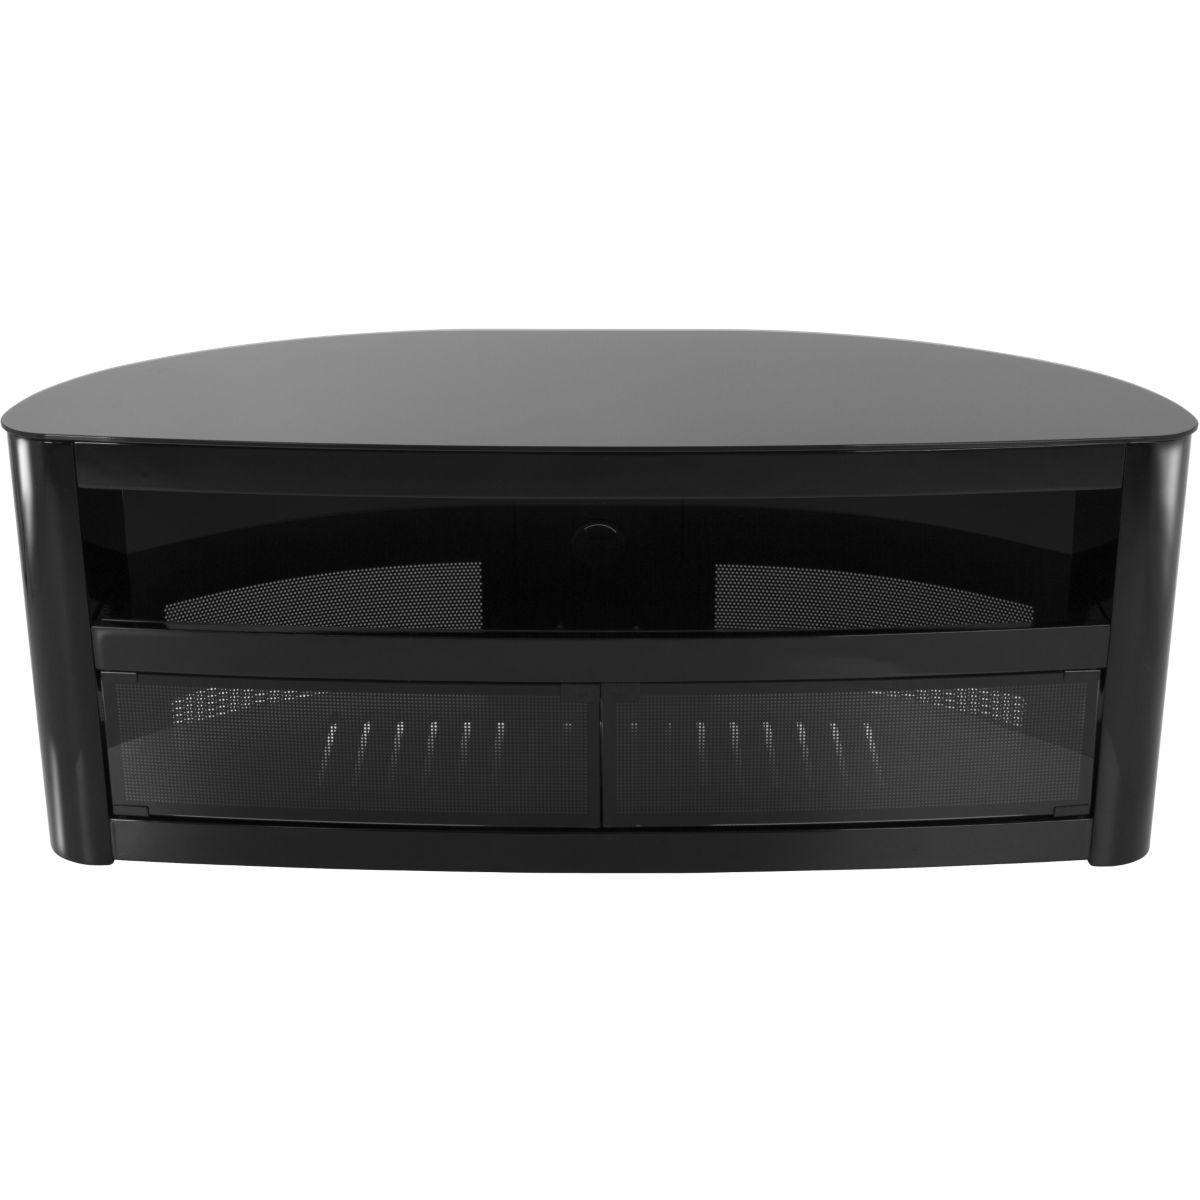 Meuble tv avf burghley plus noir brillant 1,25m - 20% de remise imm�diate avec le code : fete20 (photo)